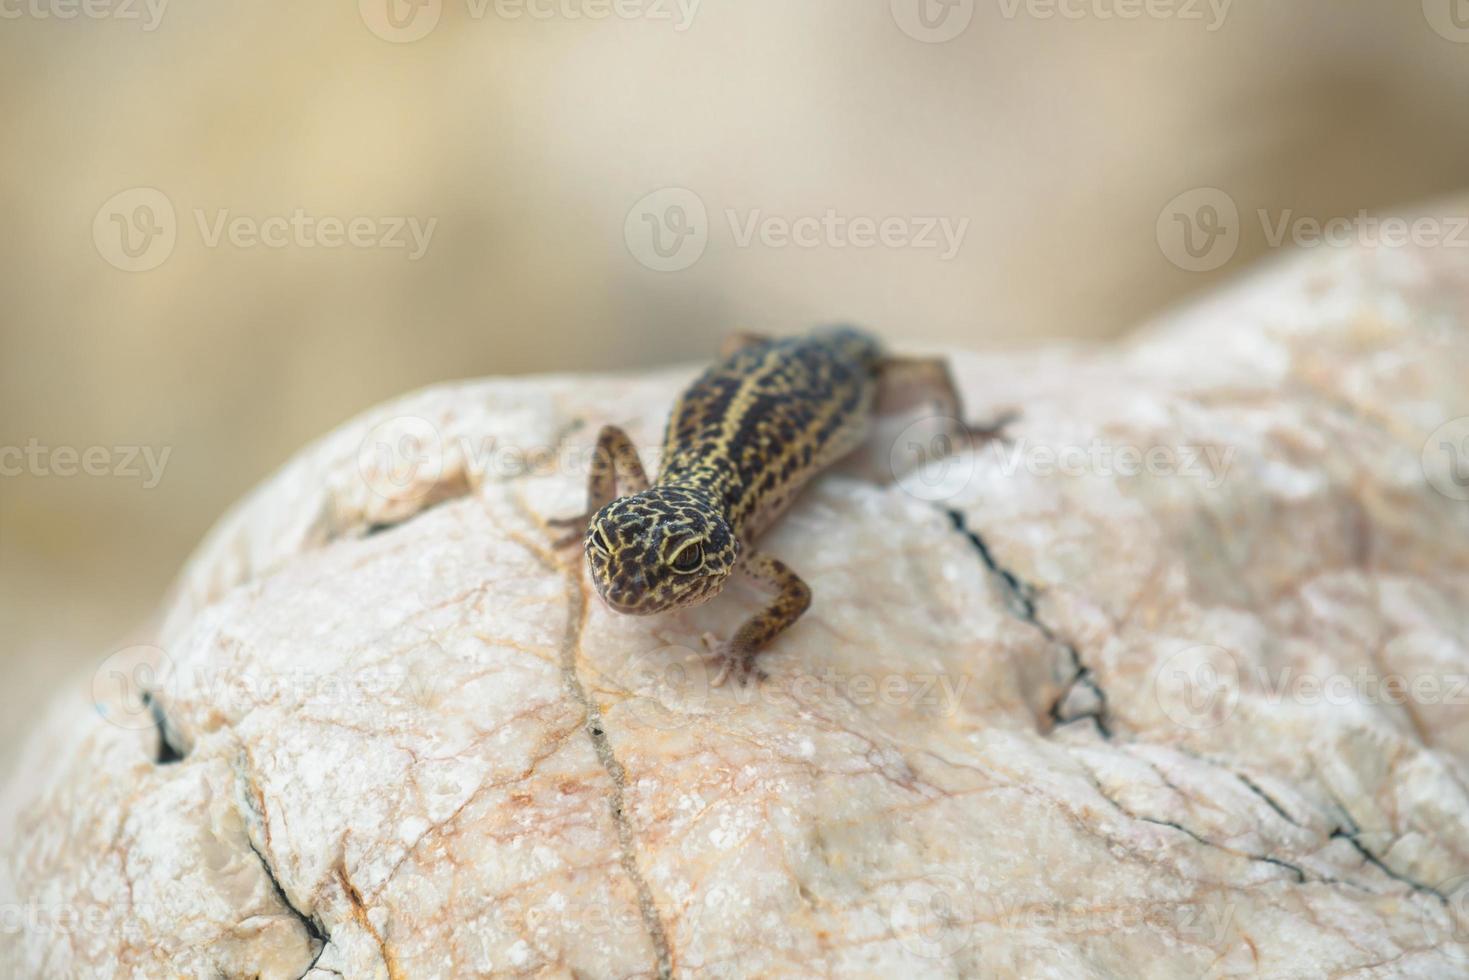 lucertola geco sulle rocce foto